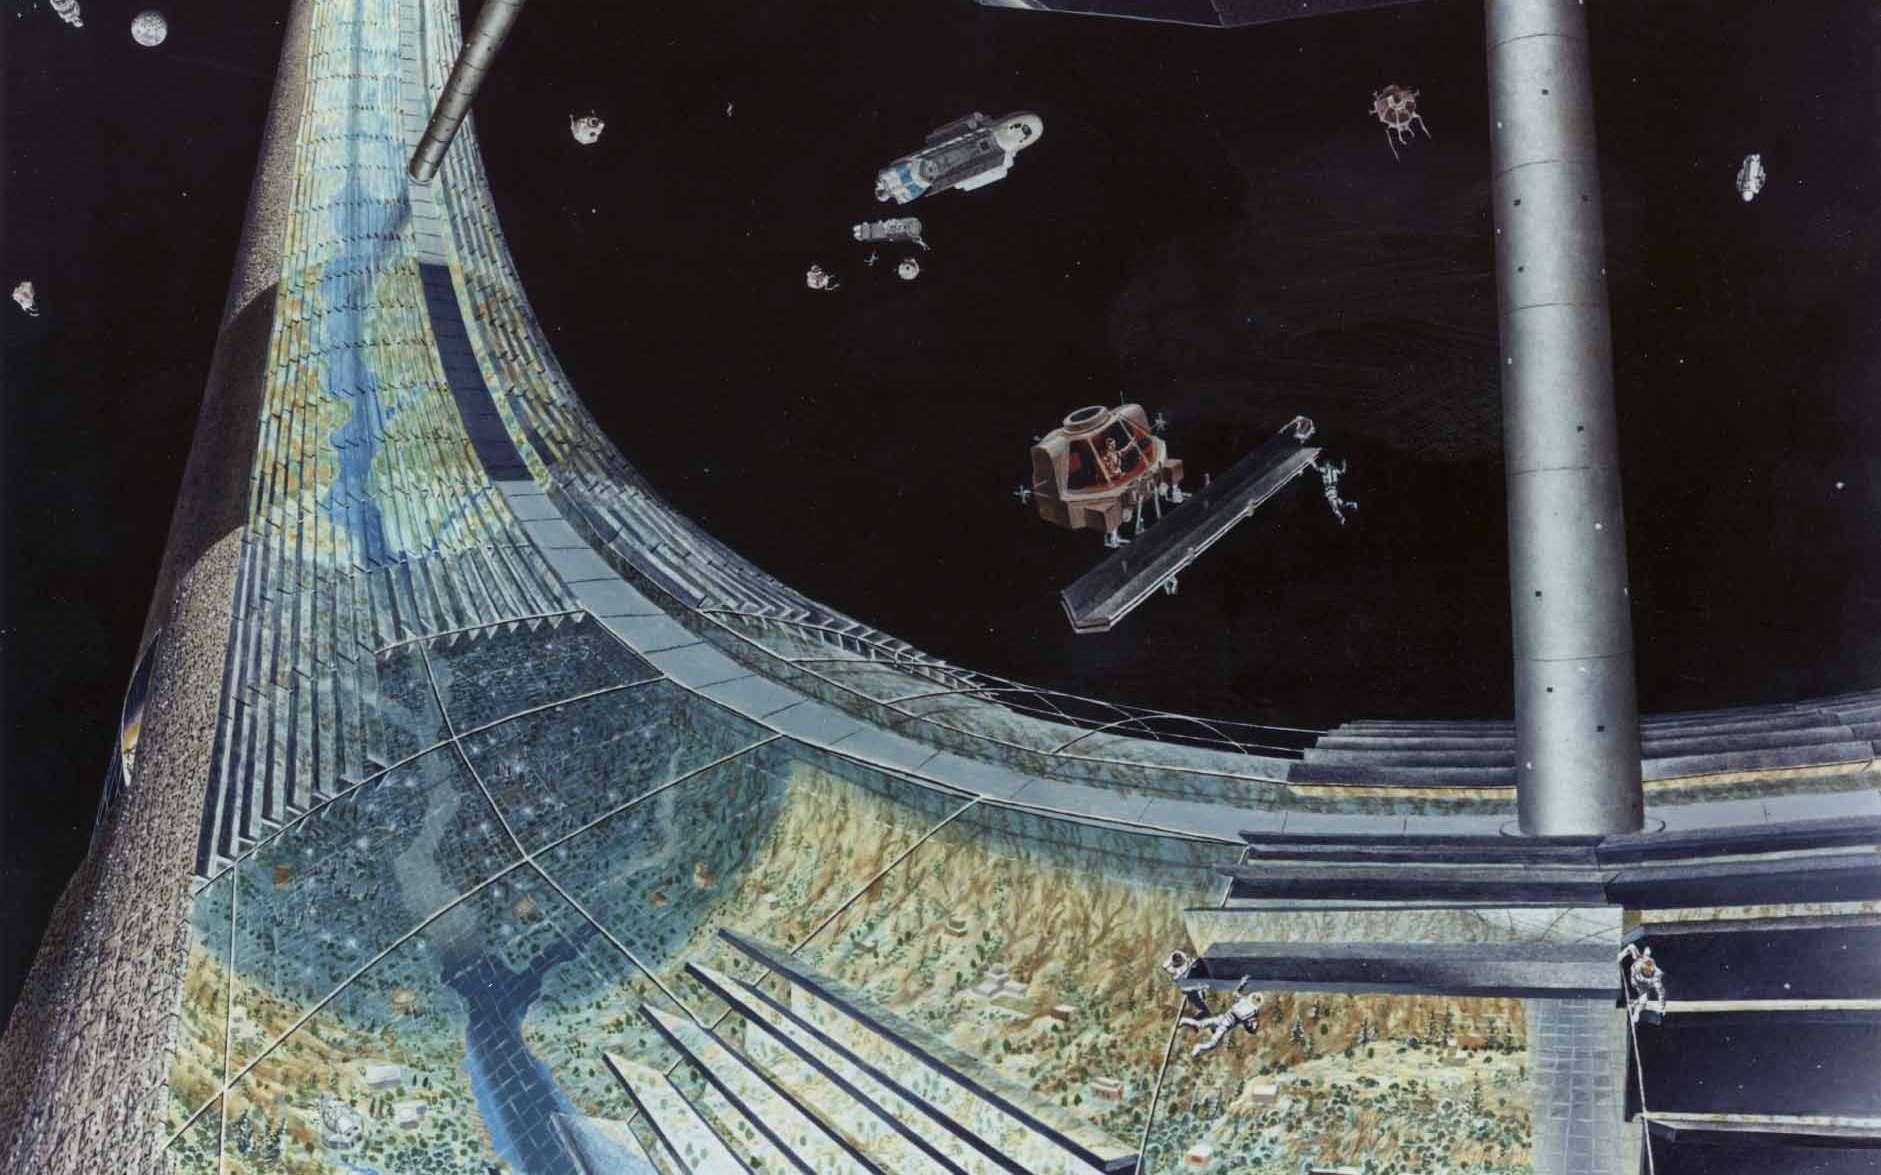 Un exemple des projets de colonie spatiale (ici le concept de planète creuse de Gerard O'Neill) étudiés au début des années 1970 pour permettre à l'humanité de repartir sur de nouvelles bases, débarrassées des archaïsmes du passé et préparer la colonisation des étoiles. Crédit : NASA Ames Research Center